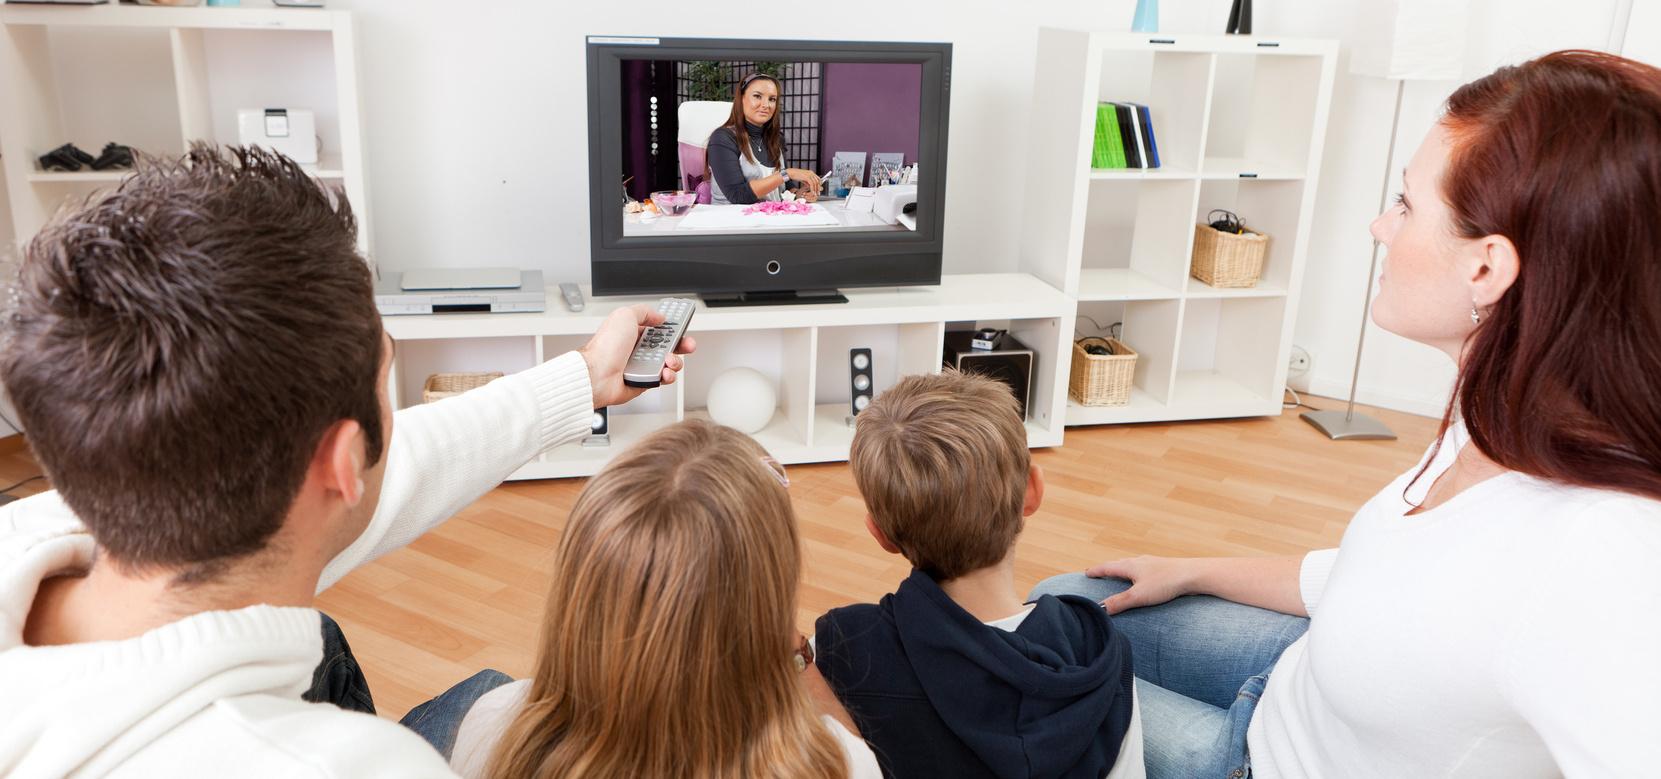 Sprawdź Wskaźnik Irytacji Reklamą Badania Mediarun Com Reklama